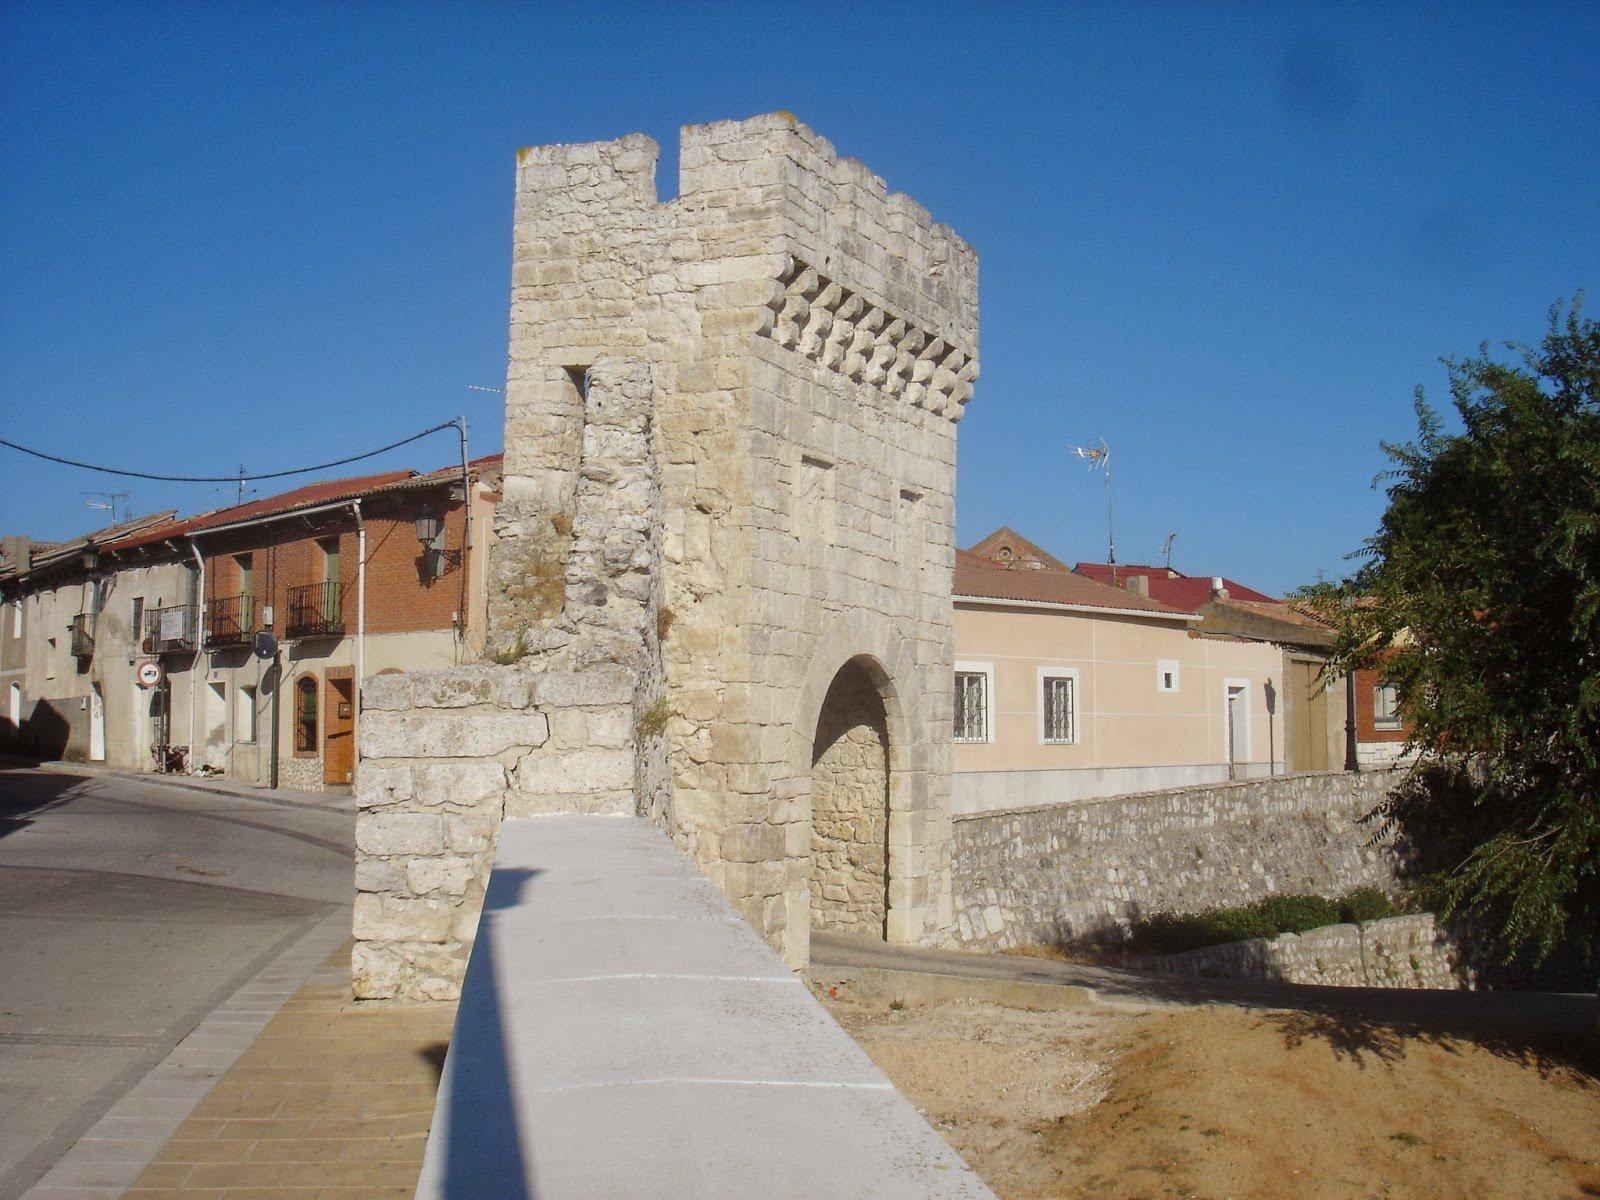 La Junta reconoce a la localidad vallisoletana de Portillo como primera Zona de Interés Artesanal de Castilla y León